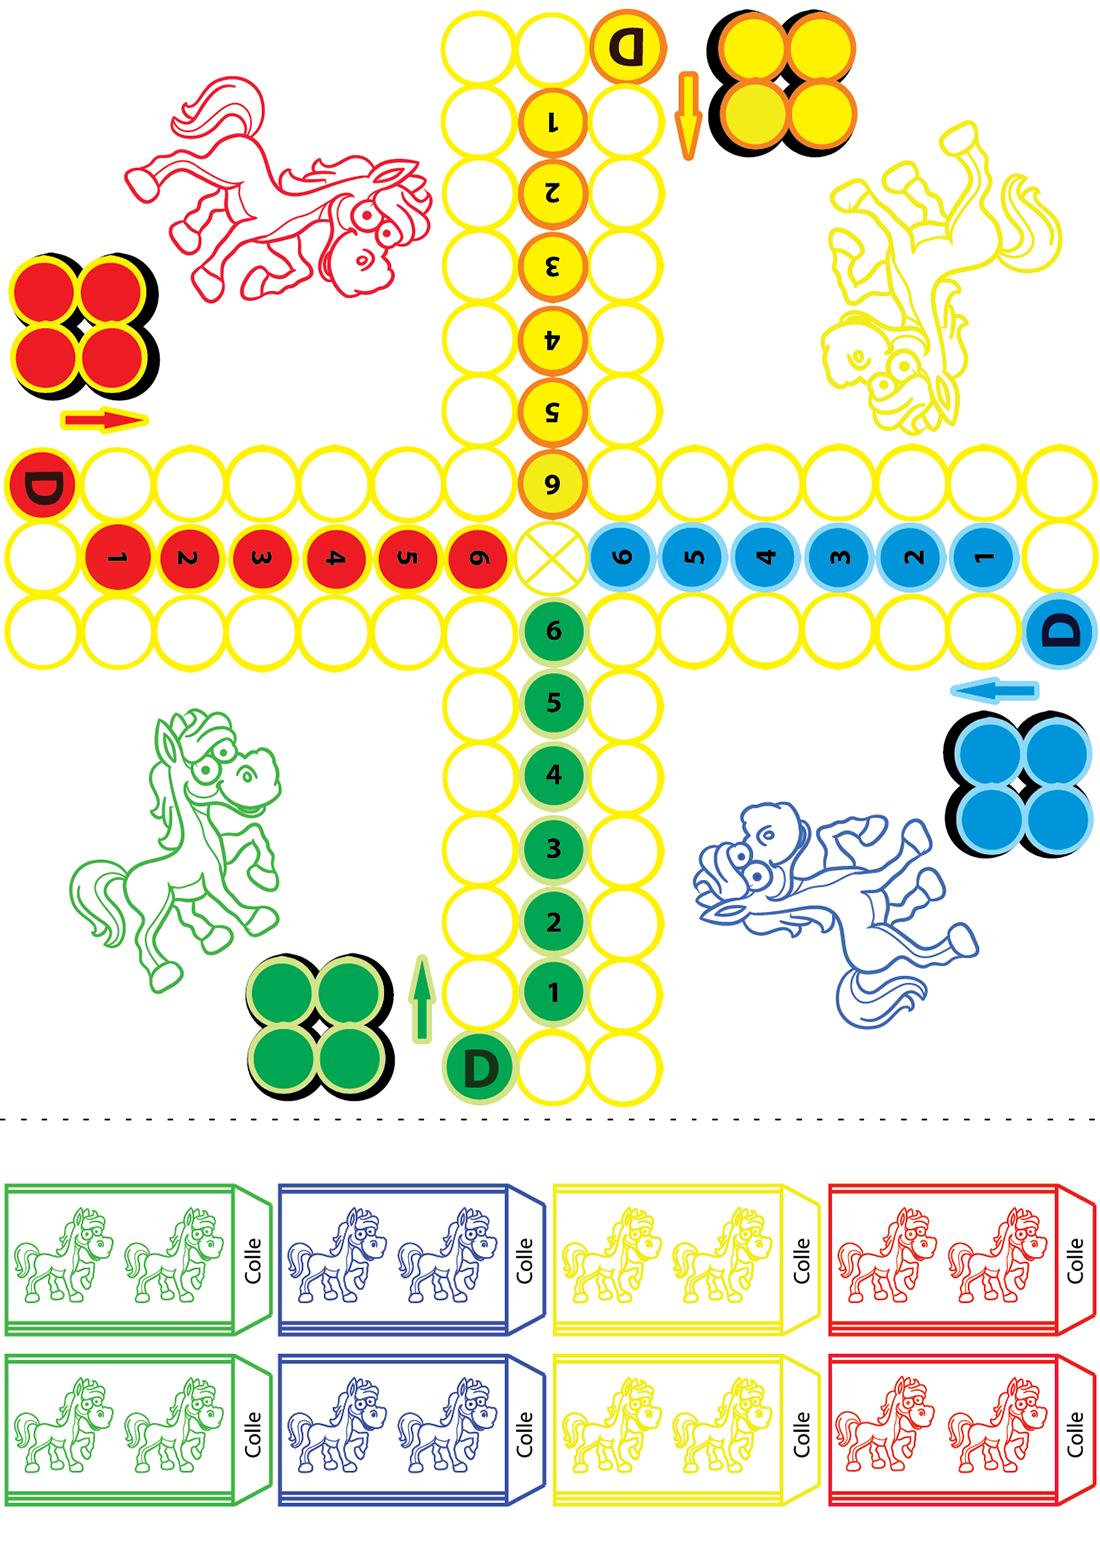 Jeu De Petits Chevaux À Imprimer - Turbulus, Jeux Pour Enfants encequiconcerne Jeux Educatif 4 Ans A Imprimer